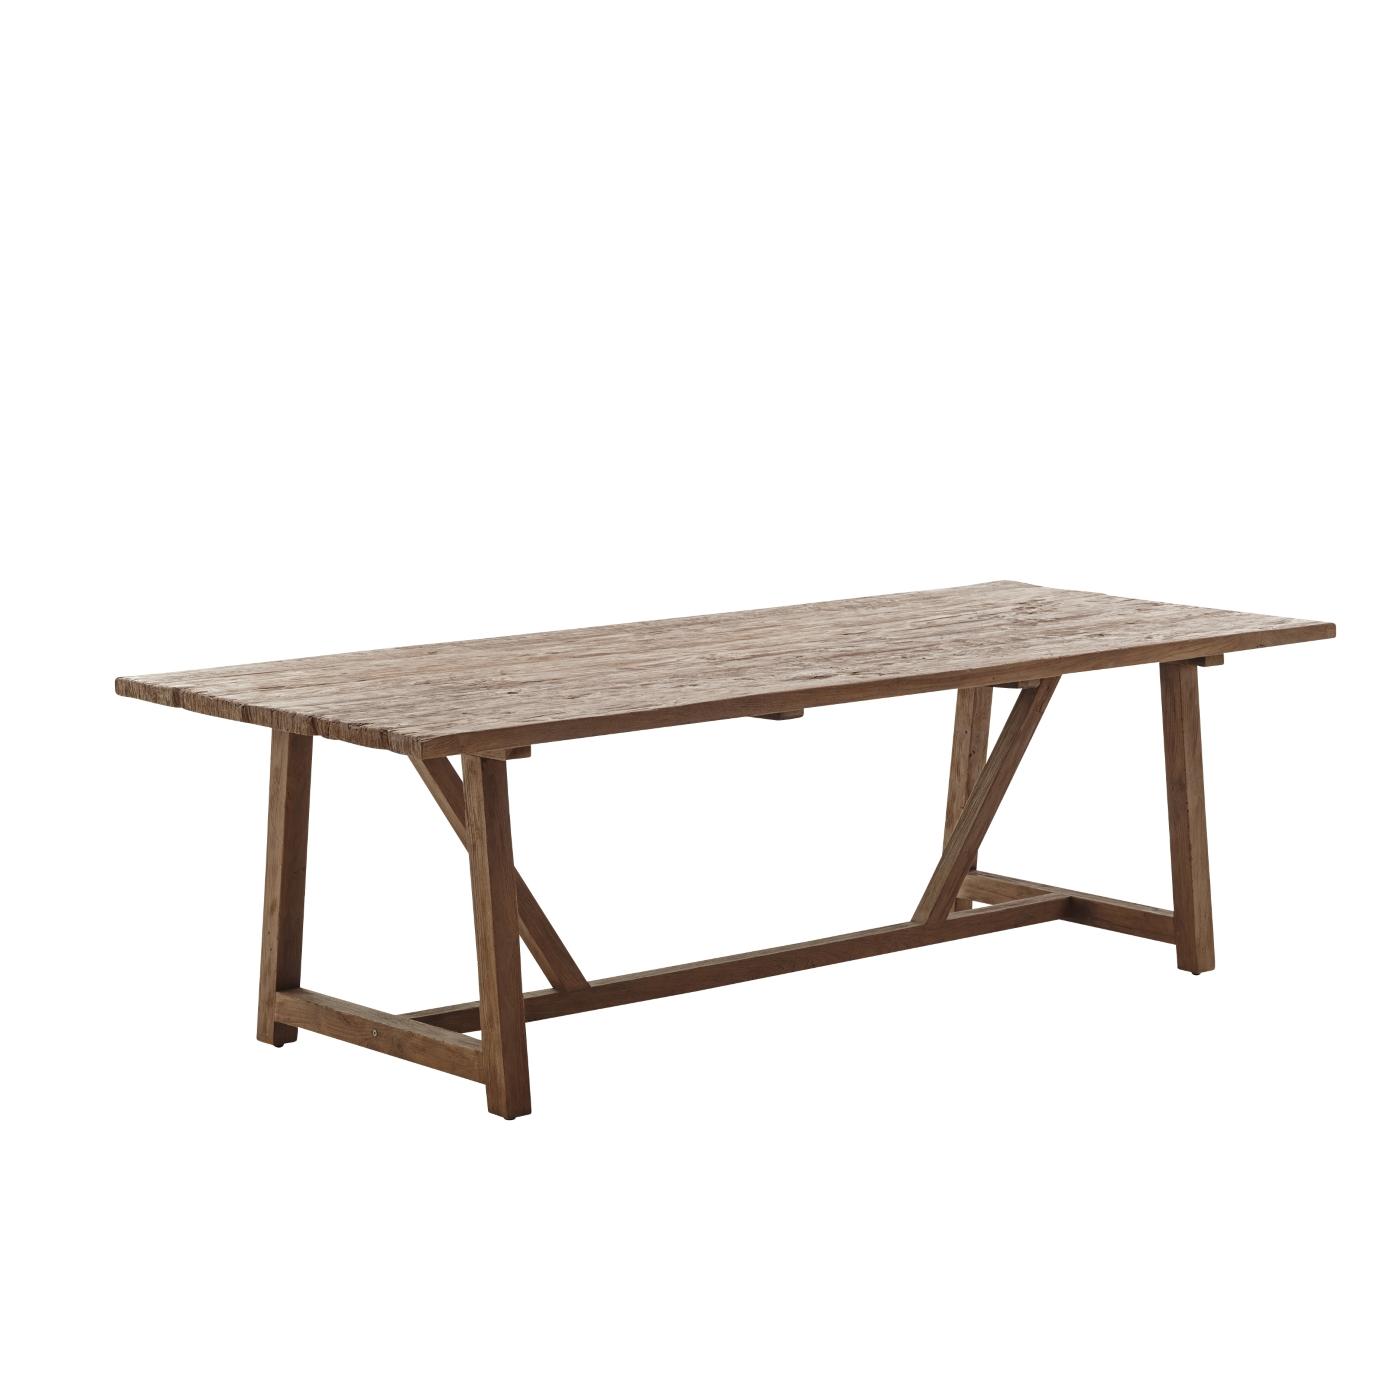 Matbord i teak 100 x 240 cm Lucas, Sika-Design